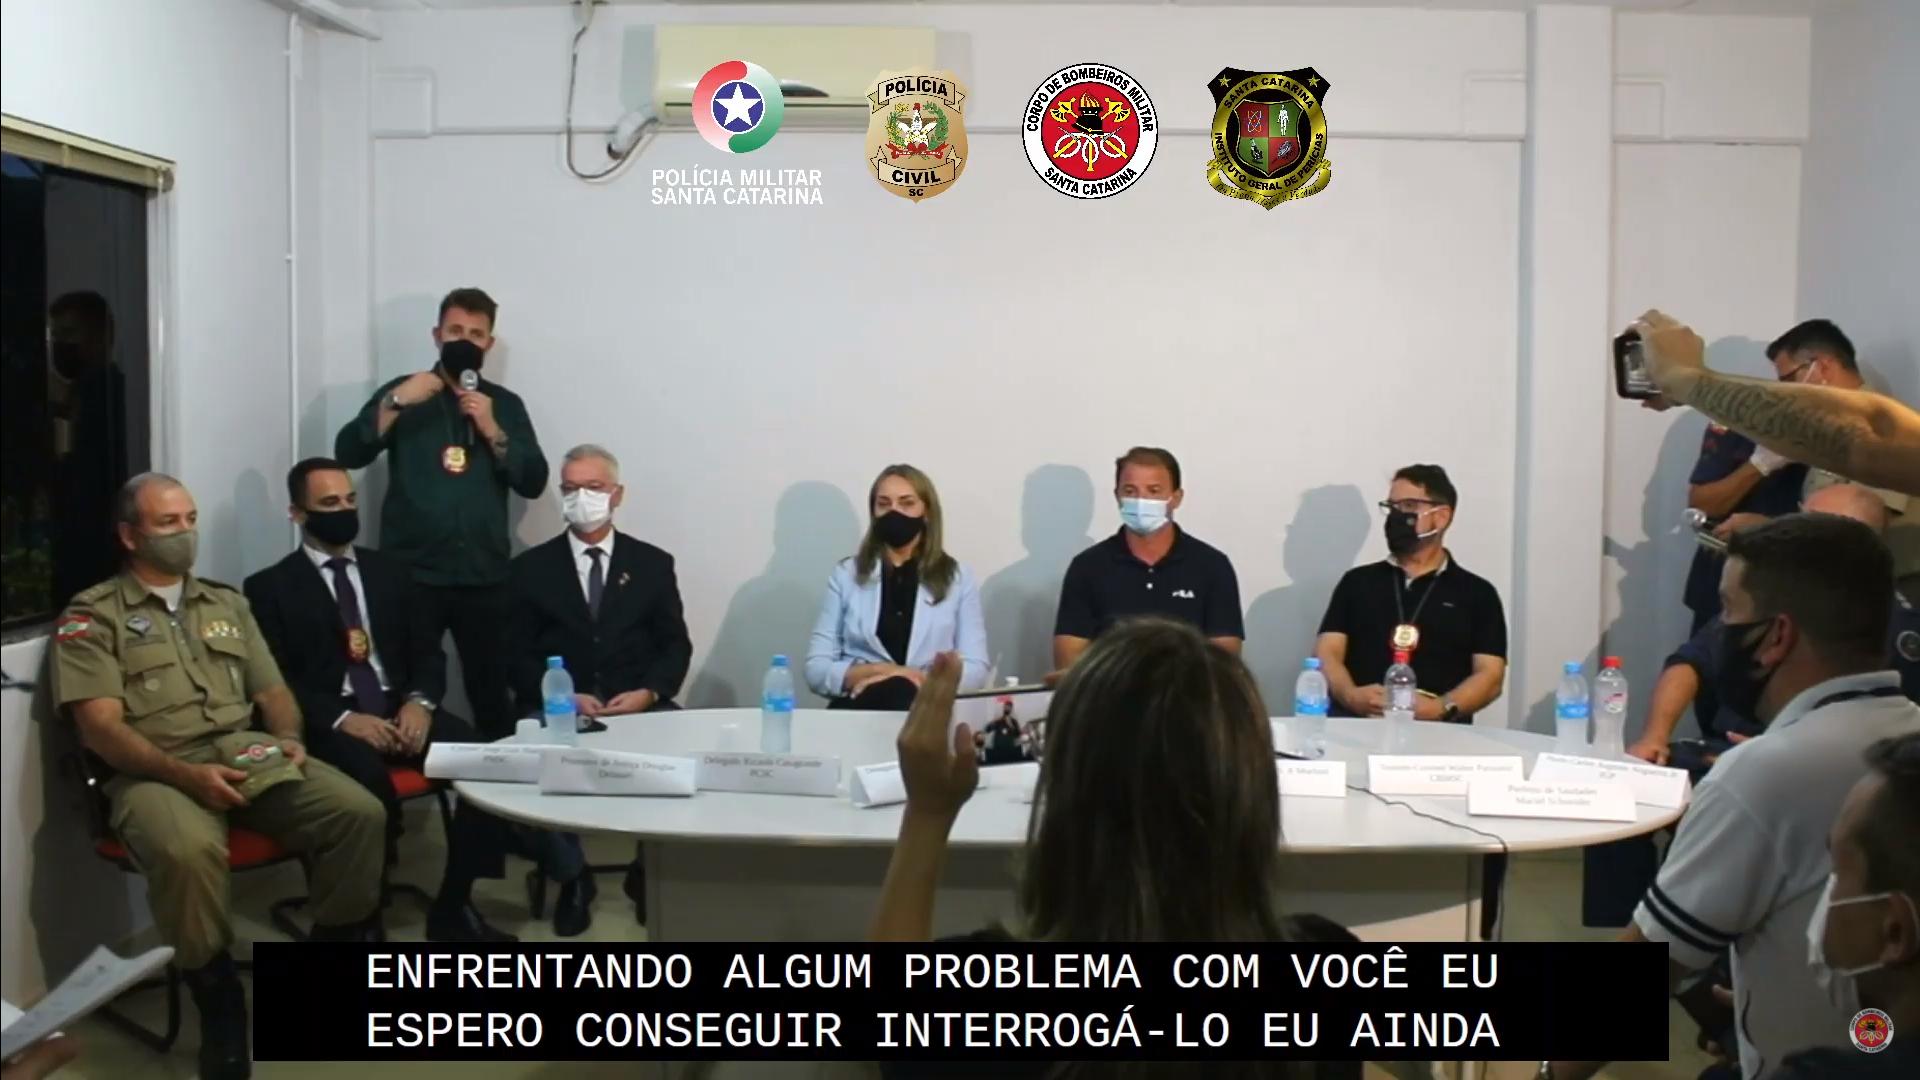 IMAGEM: Delegado espera interrogar autor de ataque na creche em SC